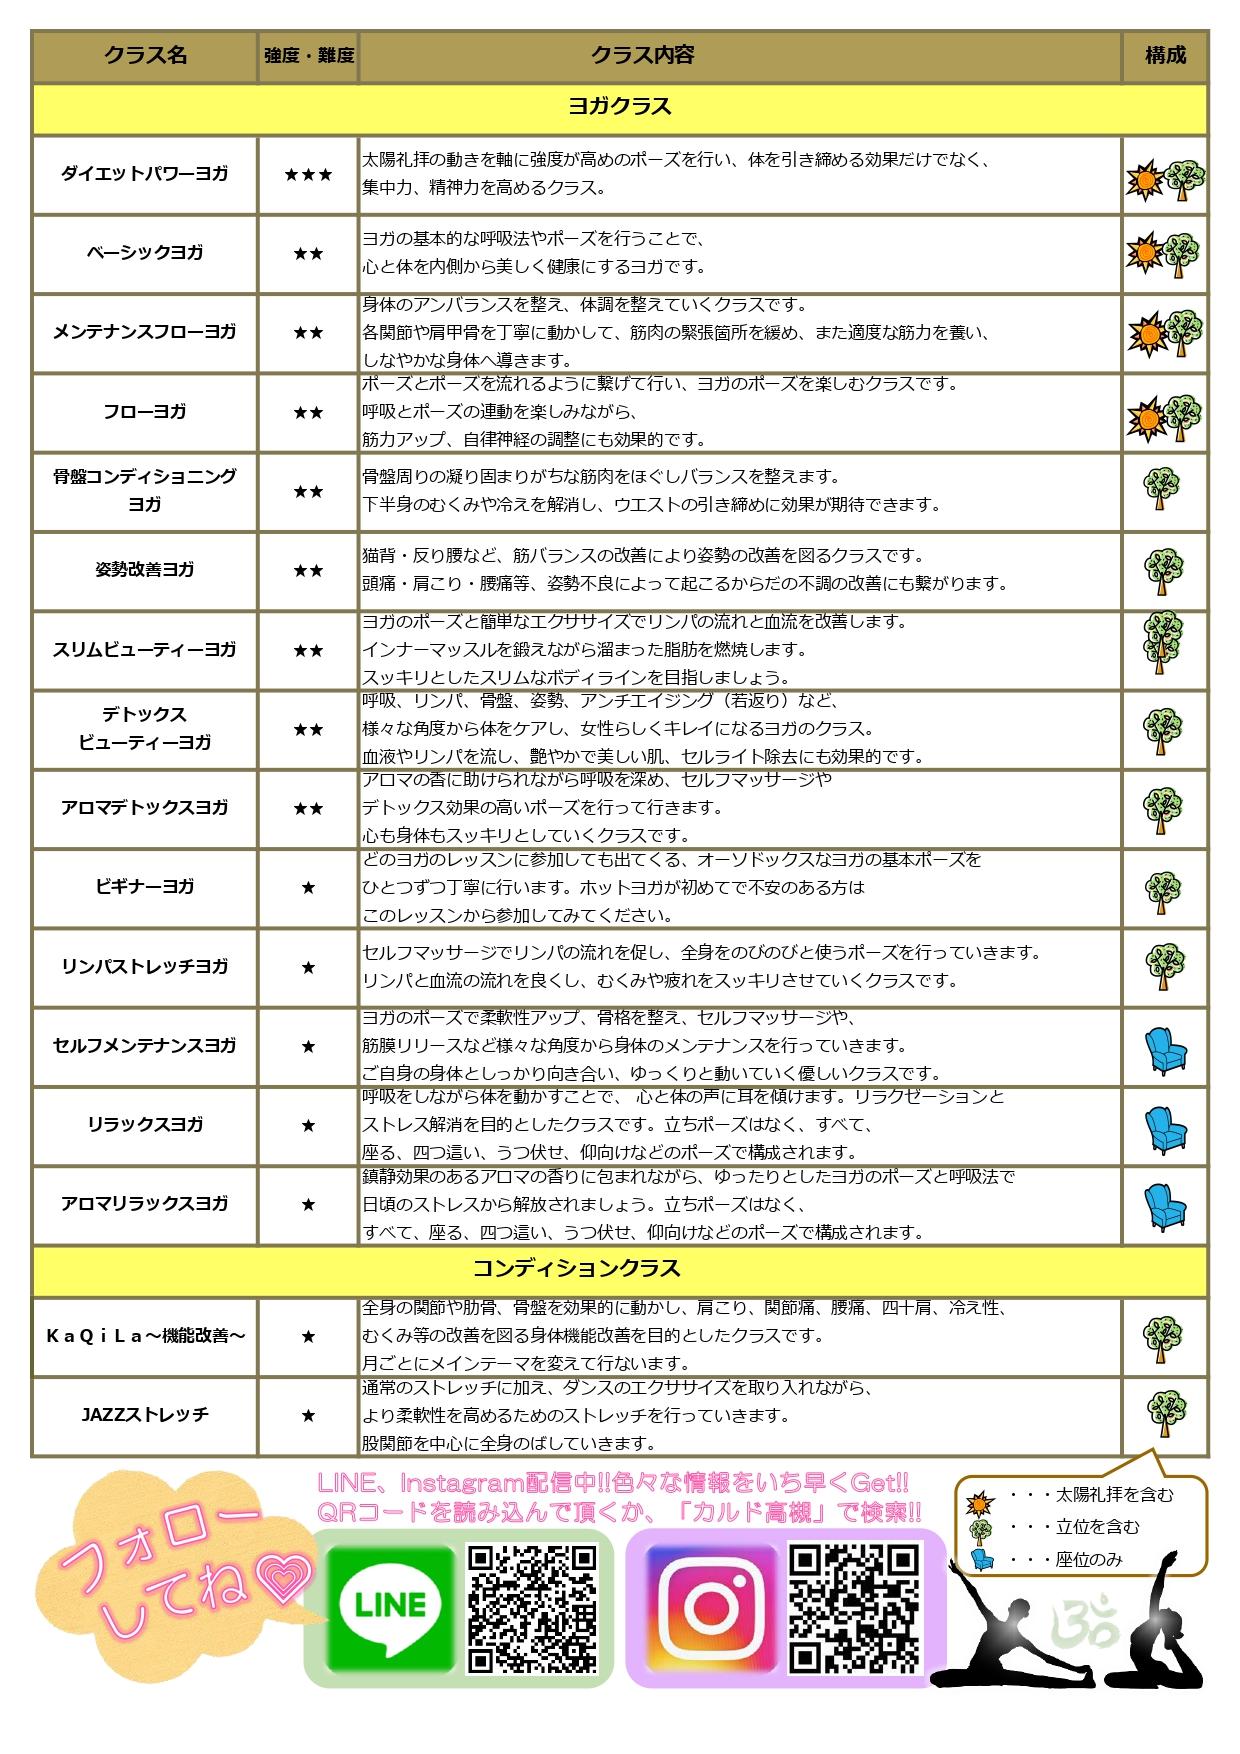 2019年12月スタジオプログラム【高槻】(裏)